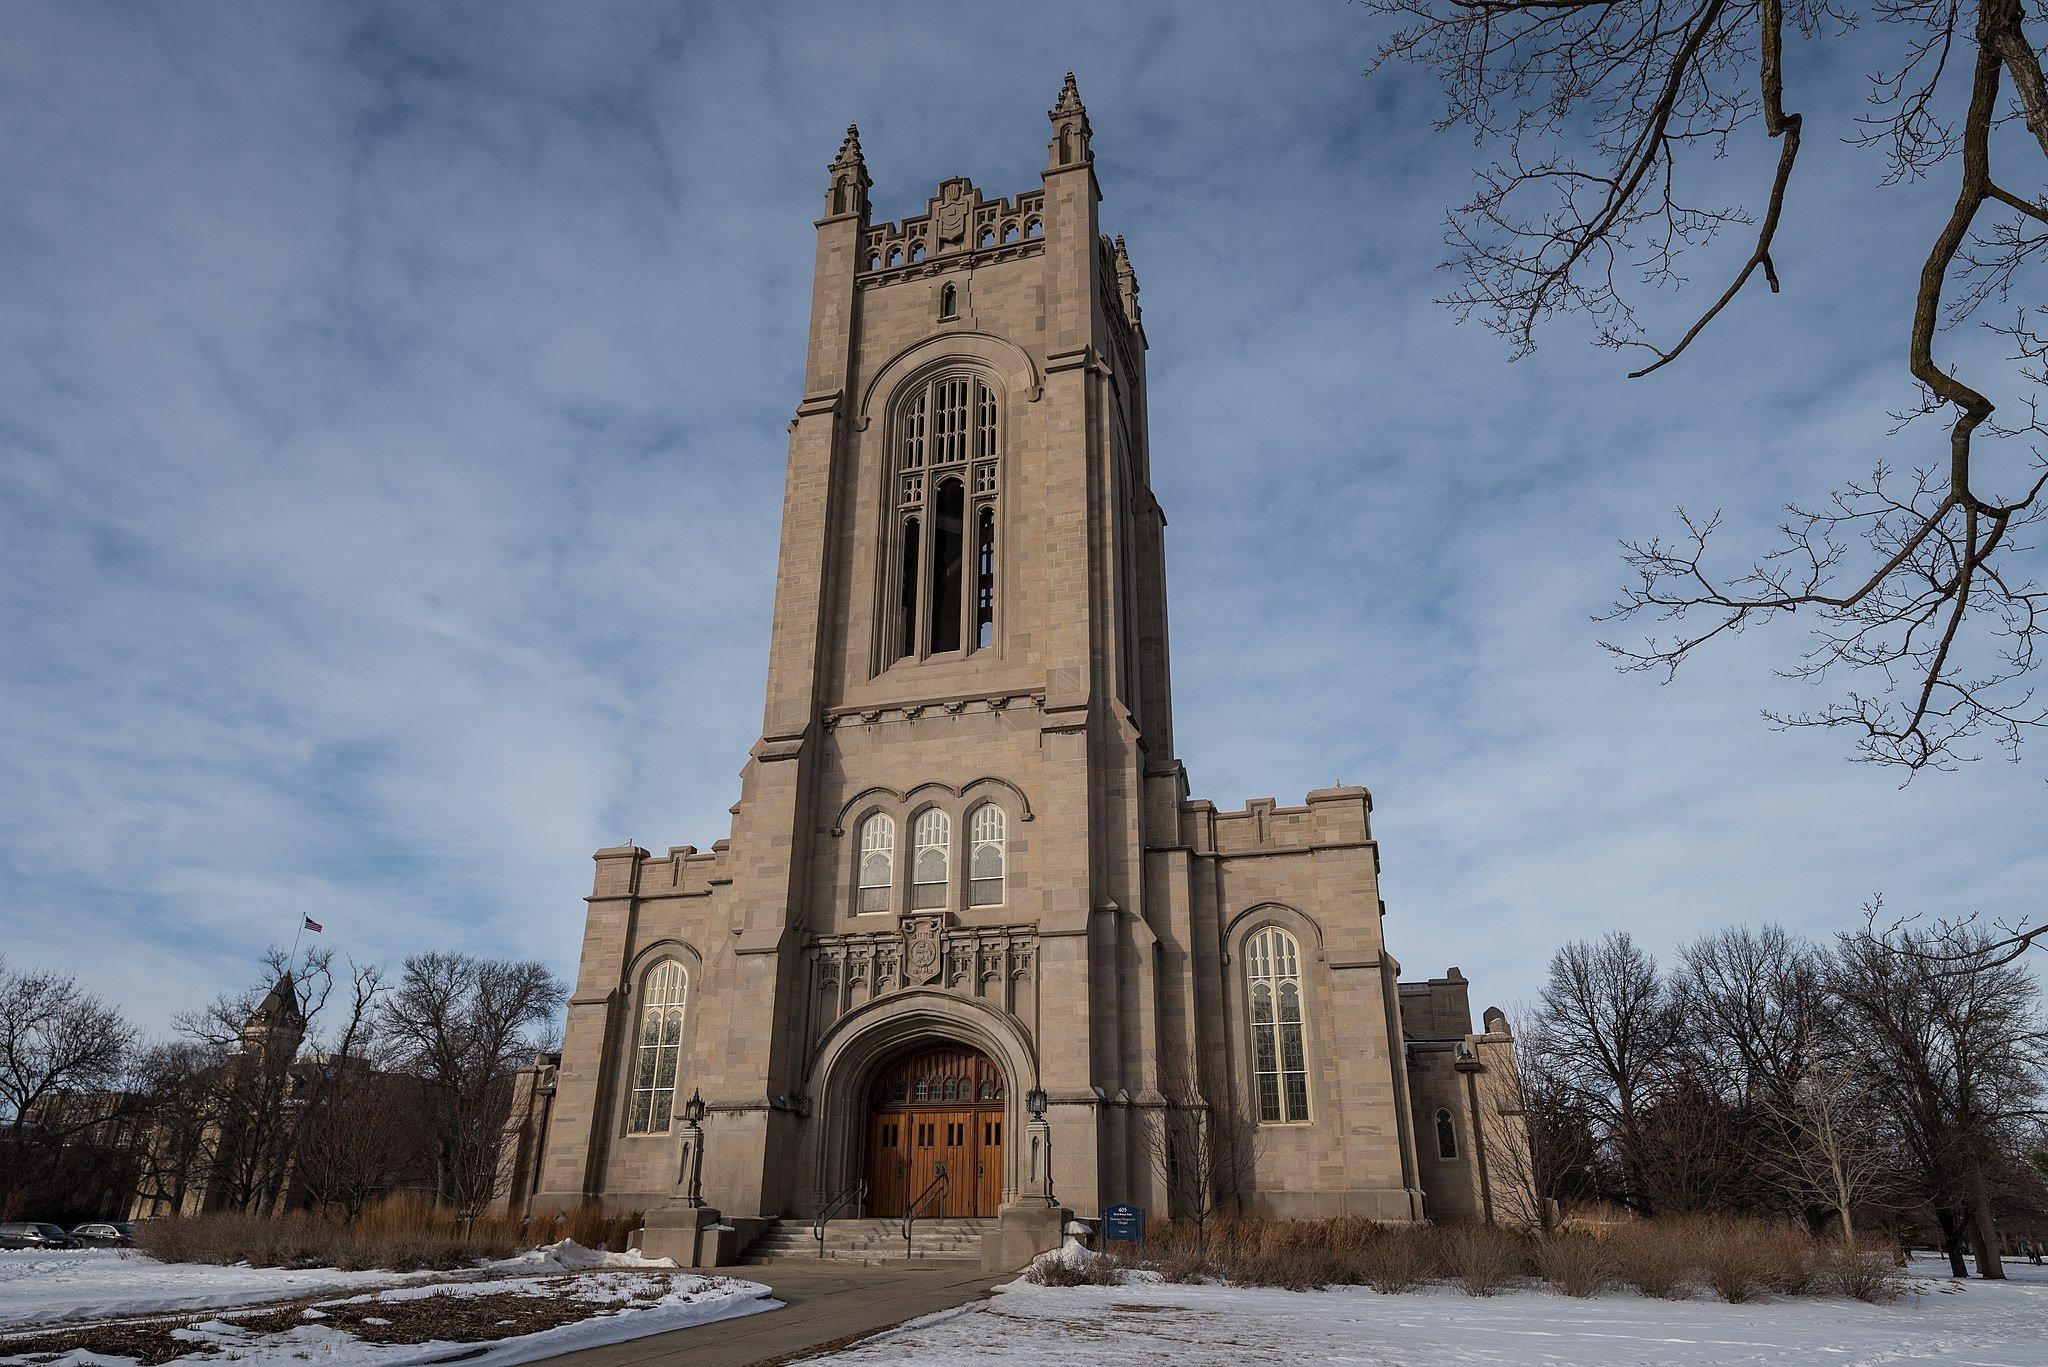 Skinner Memorial Chapel at Carleton College